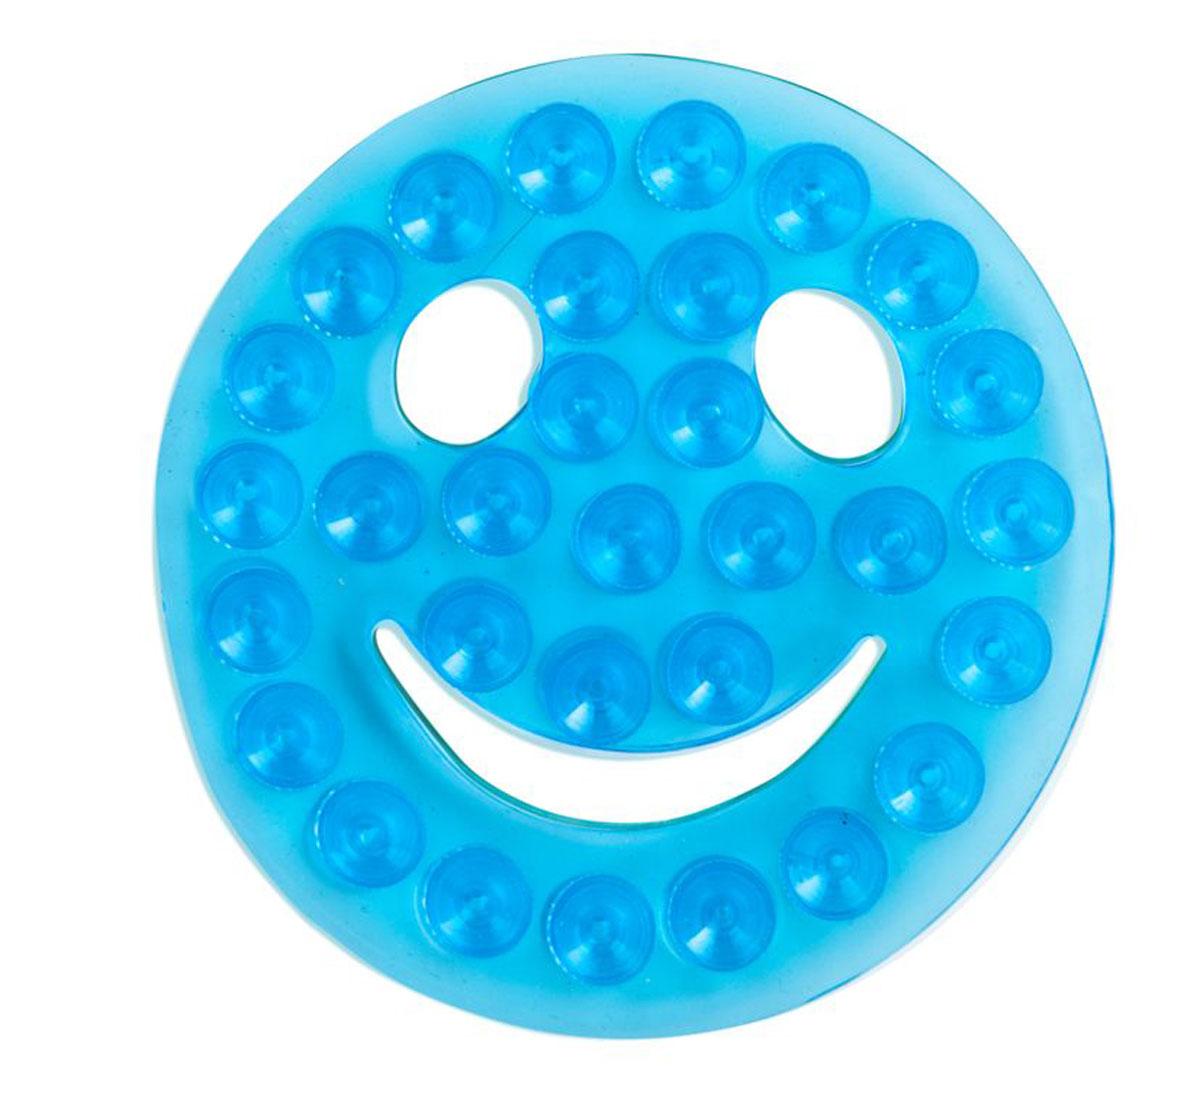 Valiant Полка-липучка для ванной Смайлик на присосках цвет голубой